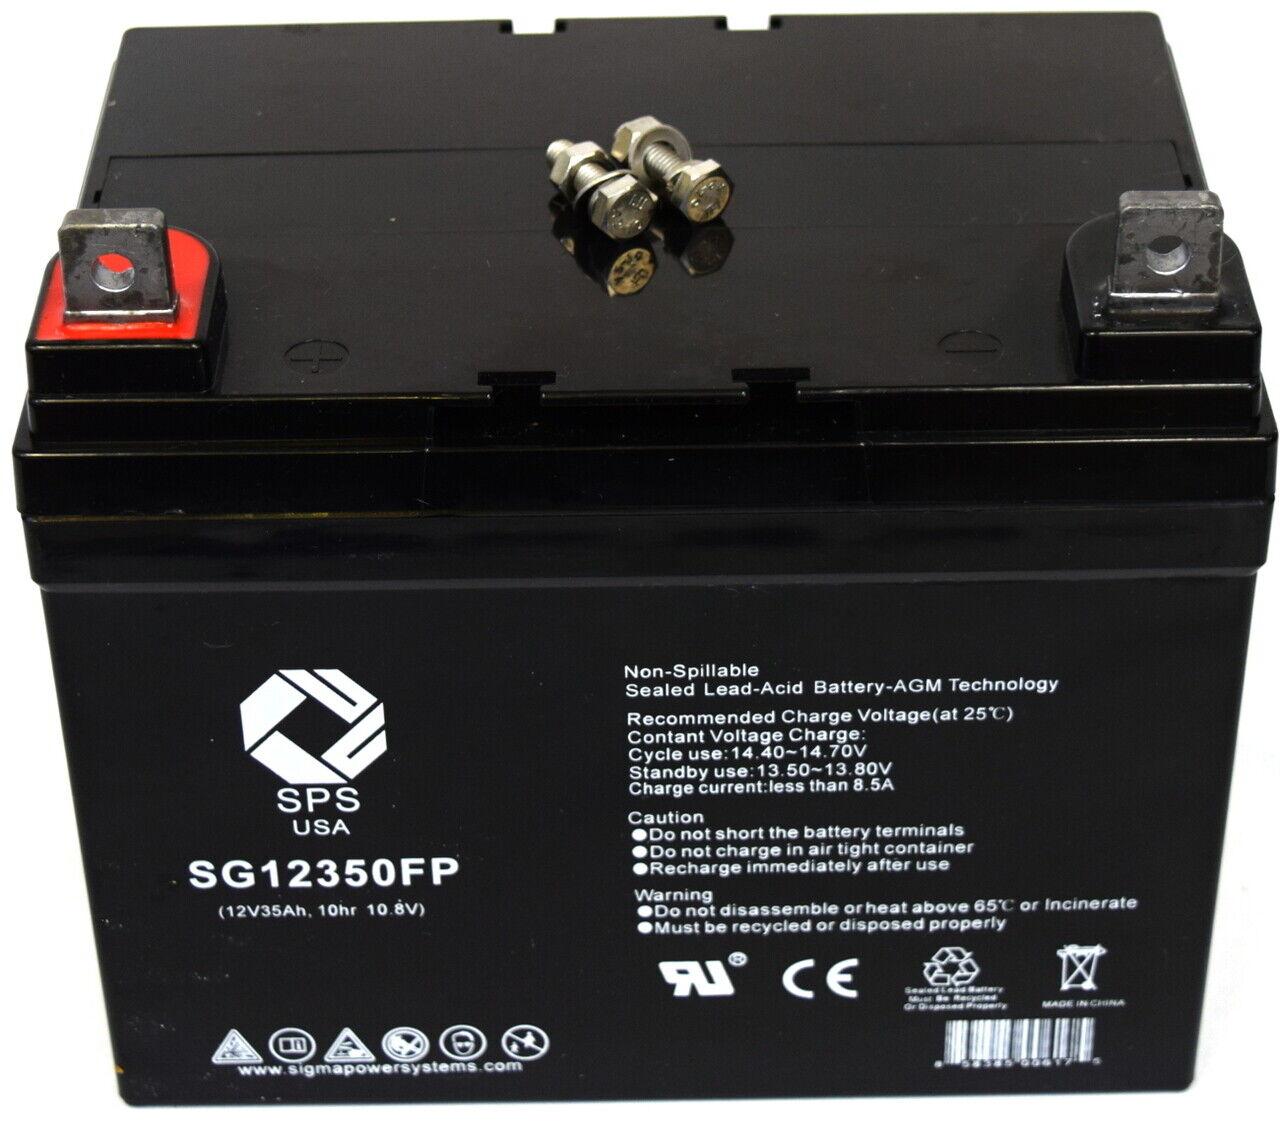 SPS Brand 12V 35Ah battery for Lawn Mower John Deere TY23017 TY21753 TY25878 TY